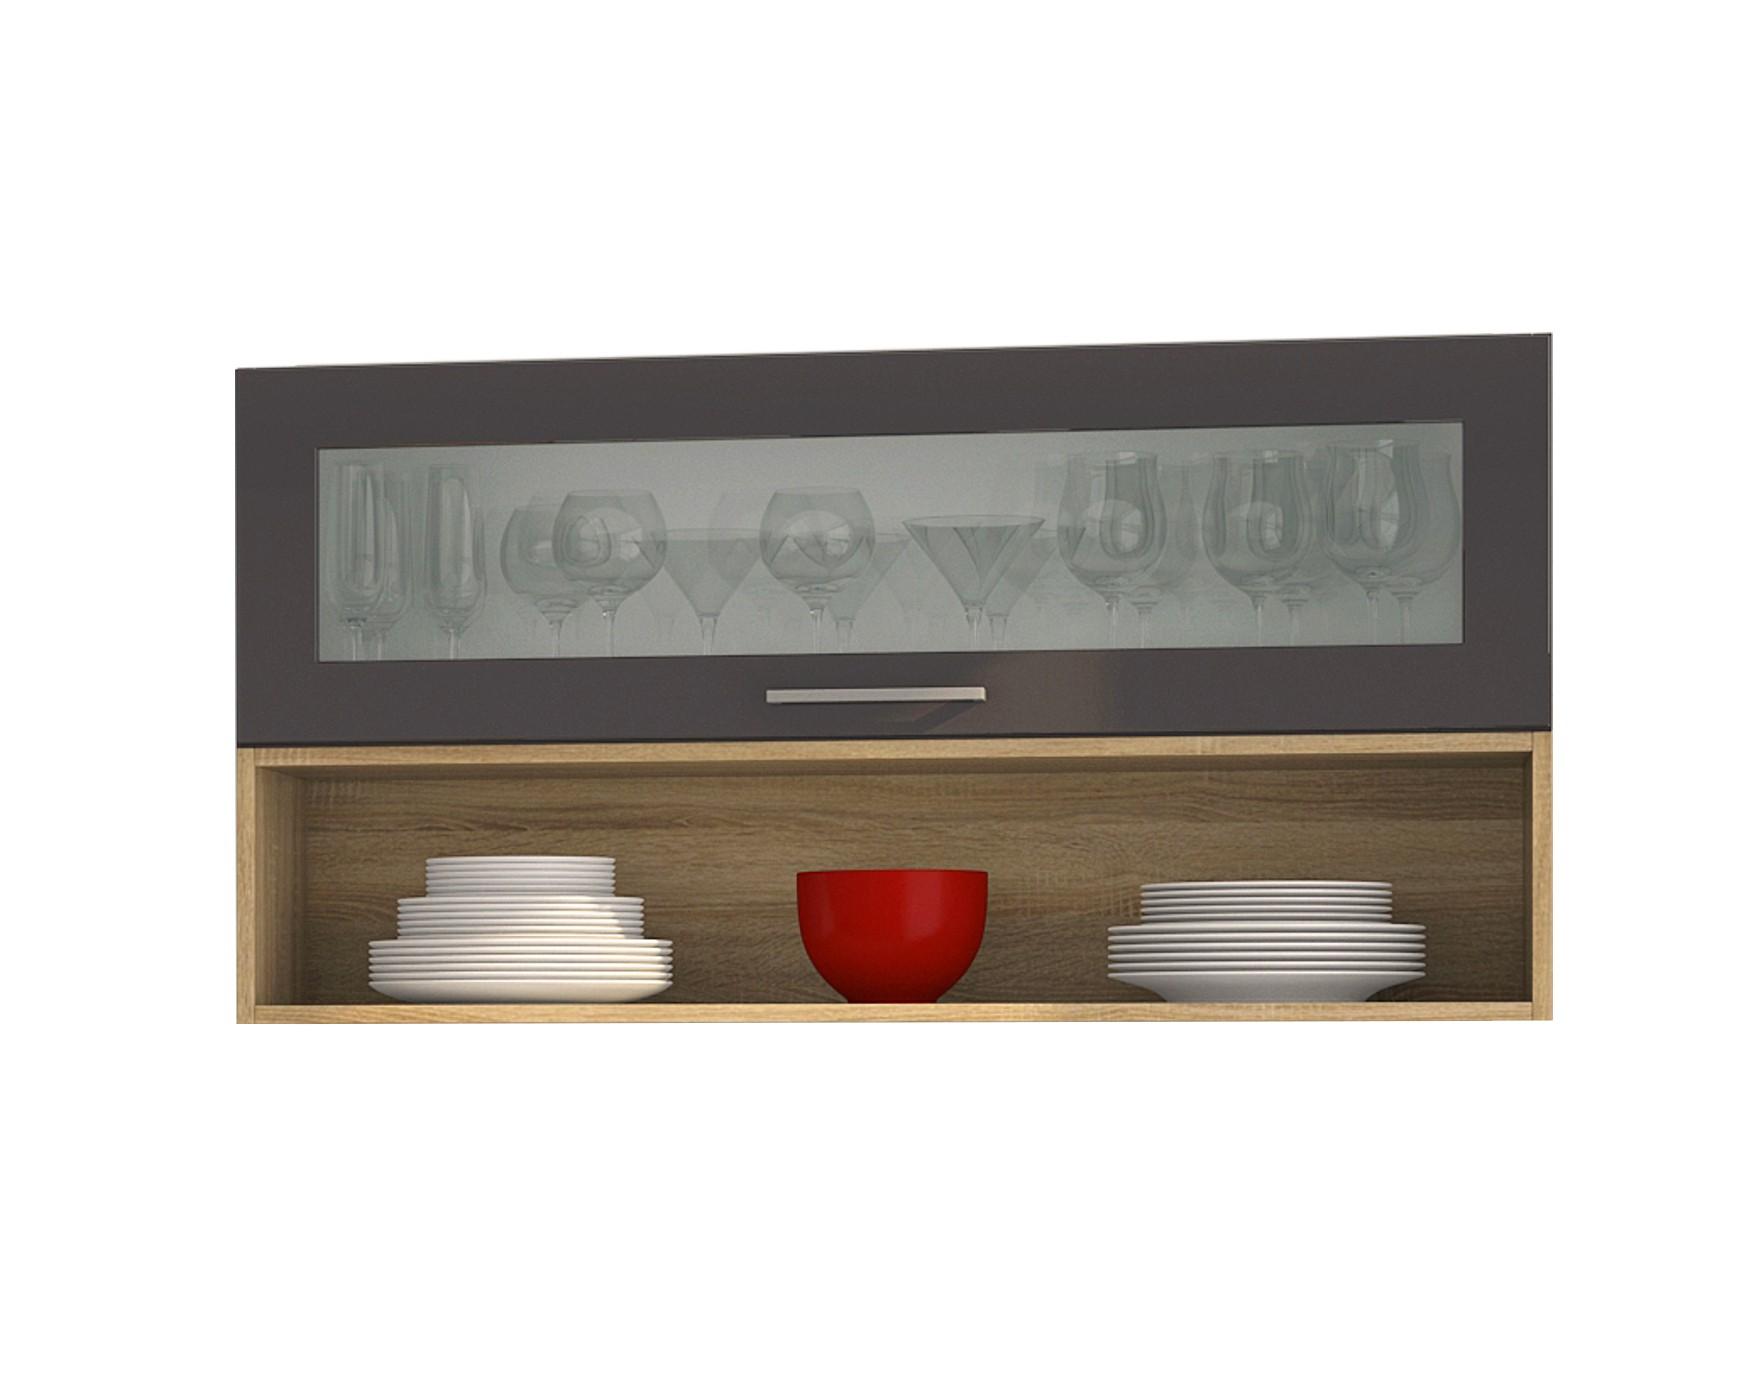 h ngeschrank m nchen 1 glasklappe 1 regal 110 cm breit hochglanz grau k che k chen. Black Bedroom Furniture Sets. Home Design Ideas